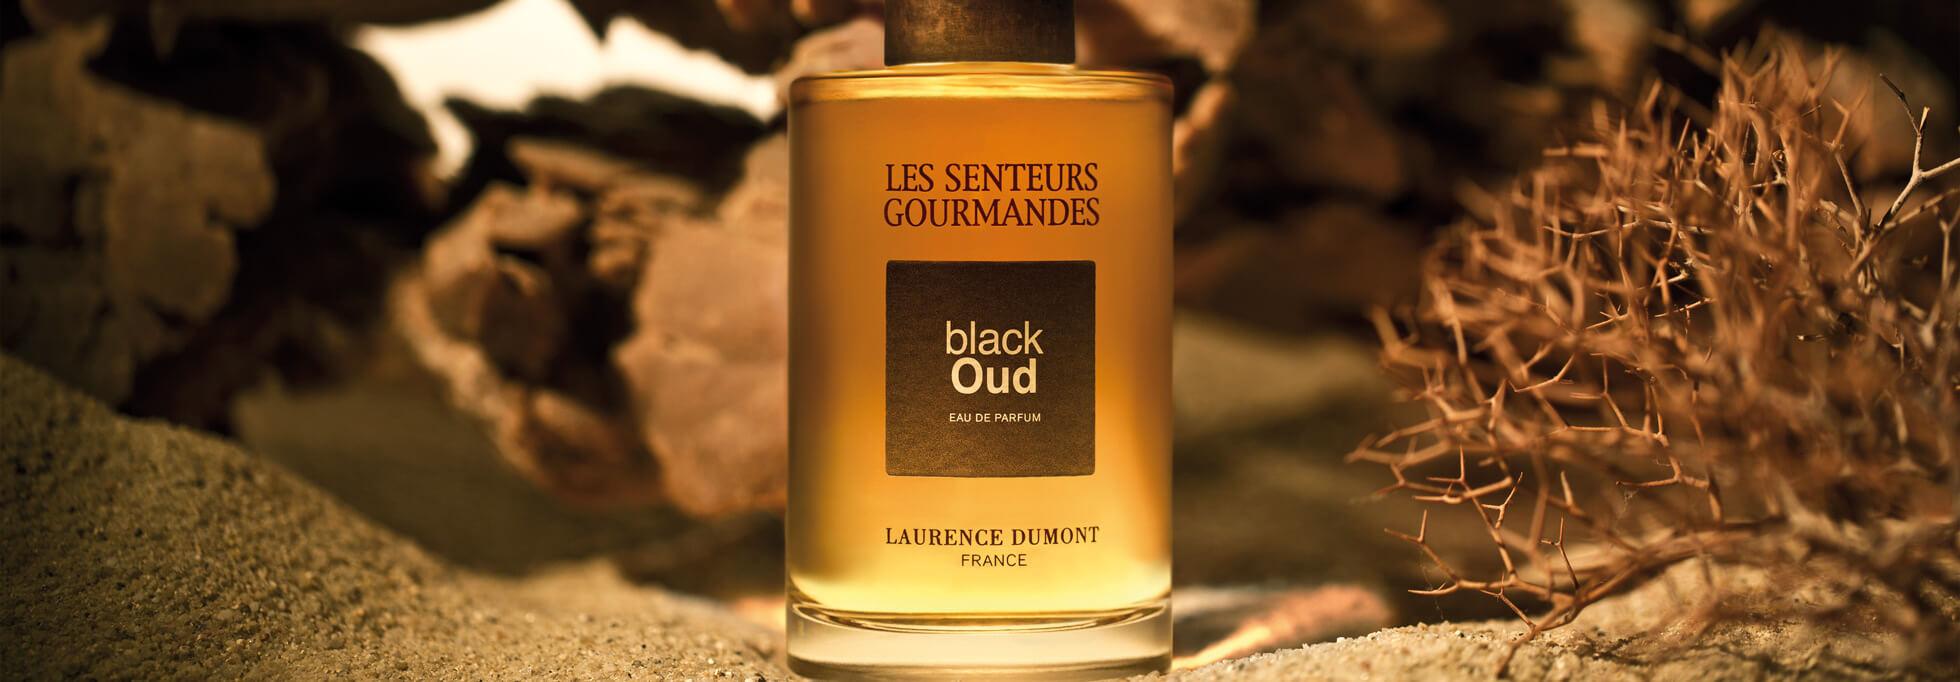 bwn-sales-startseite-black-oud-les-senteurs-gourmandes